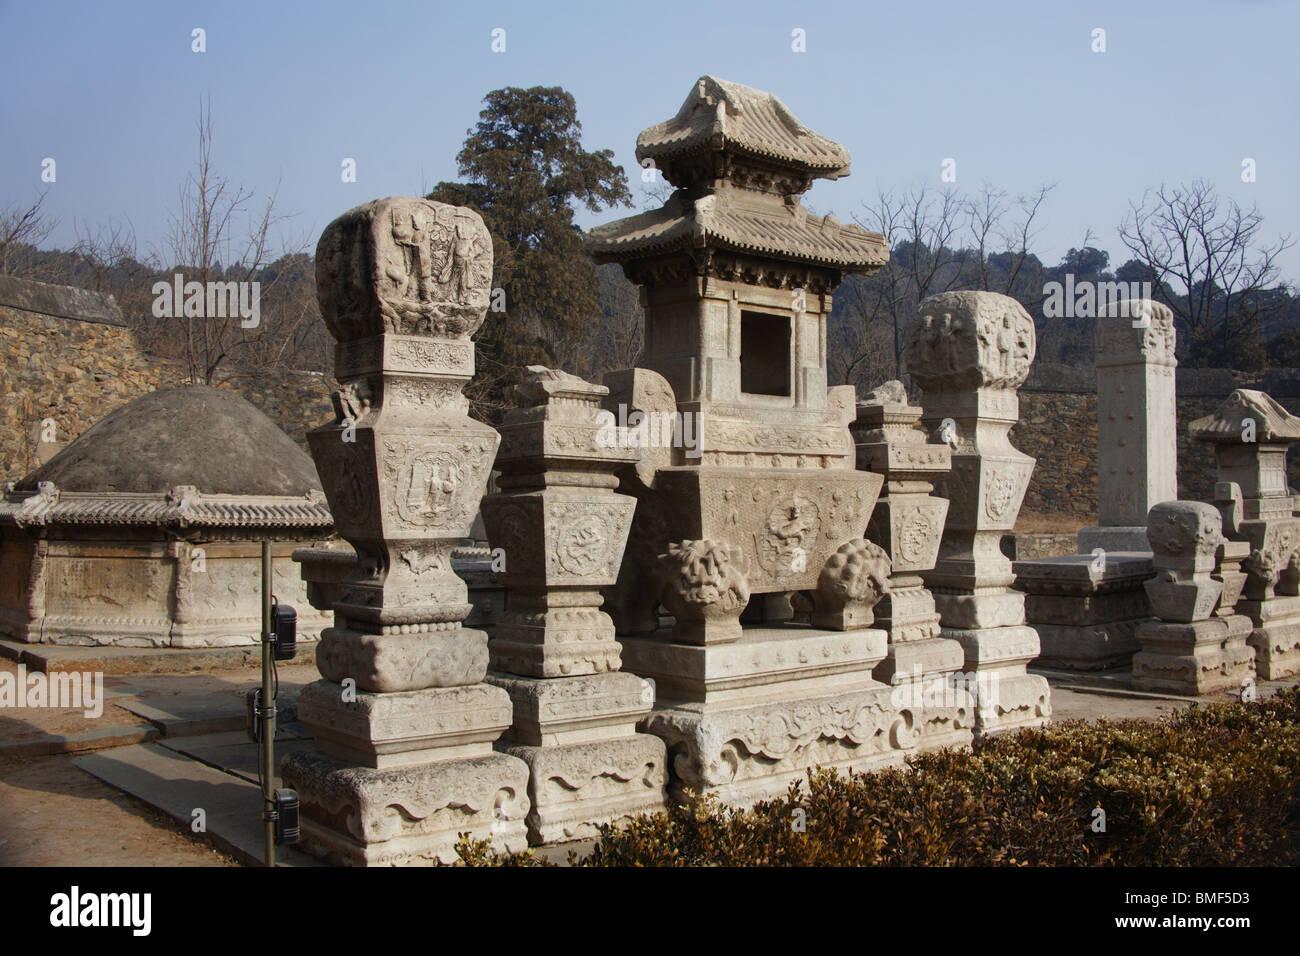 View of statues, Tomb Of Eunuch Tian Yi, Beijing, China Stock Photo